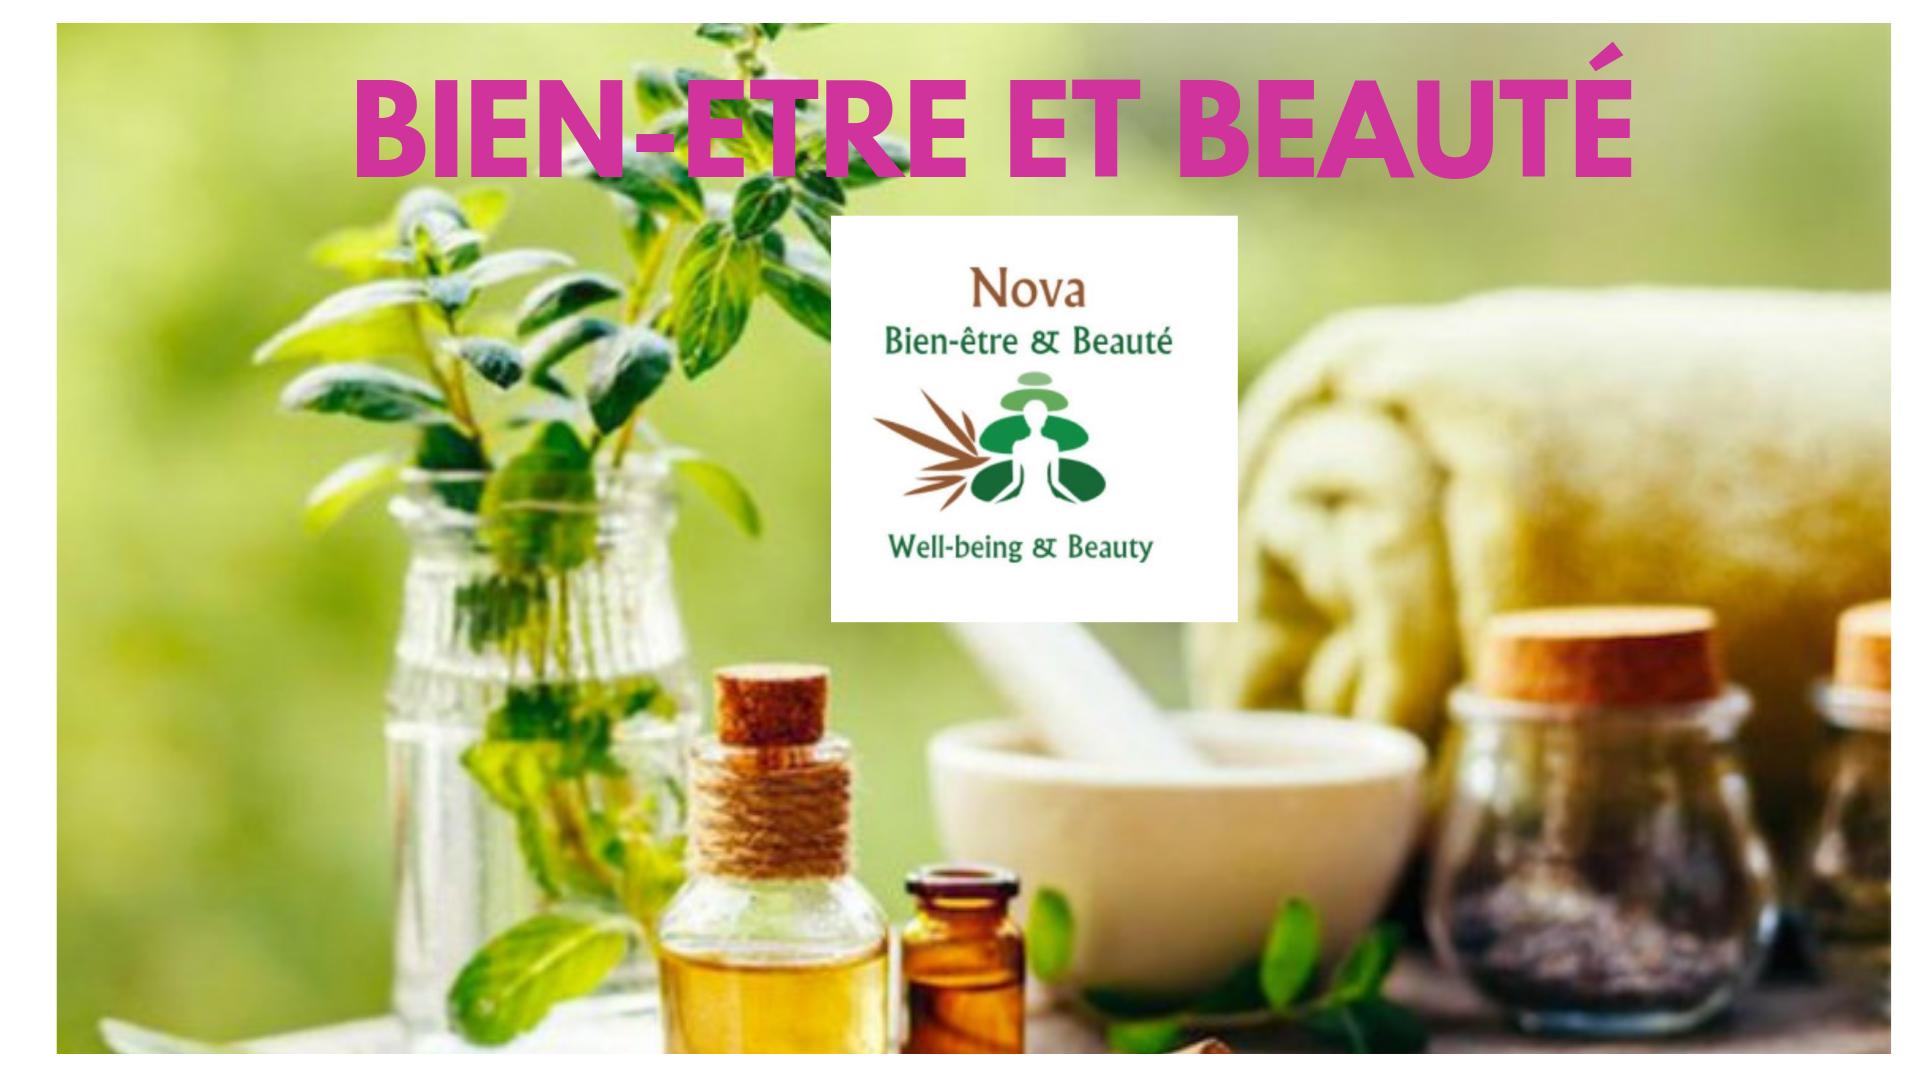 NOVA Bien-Etre & Beauté